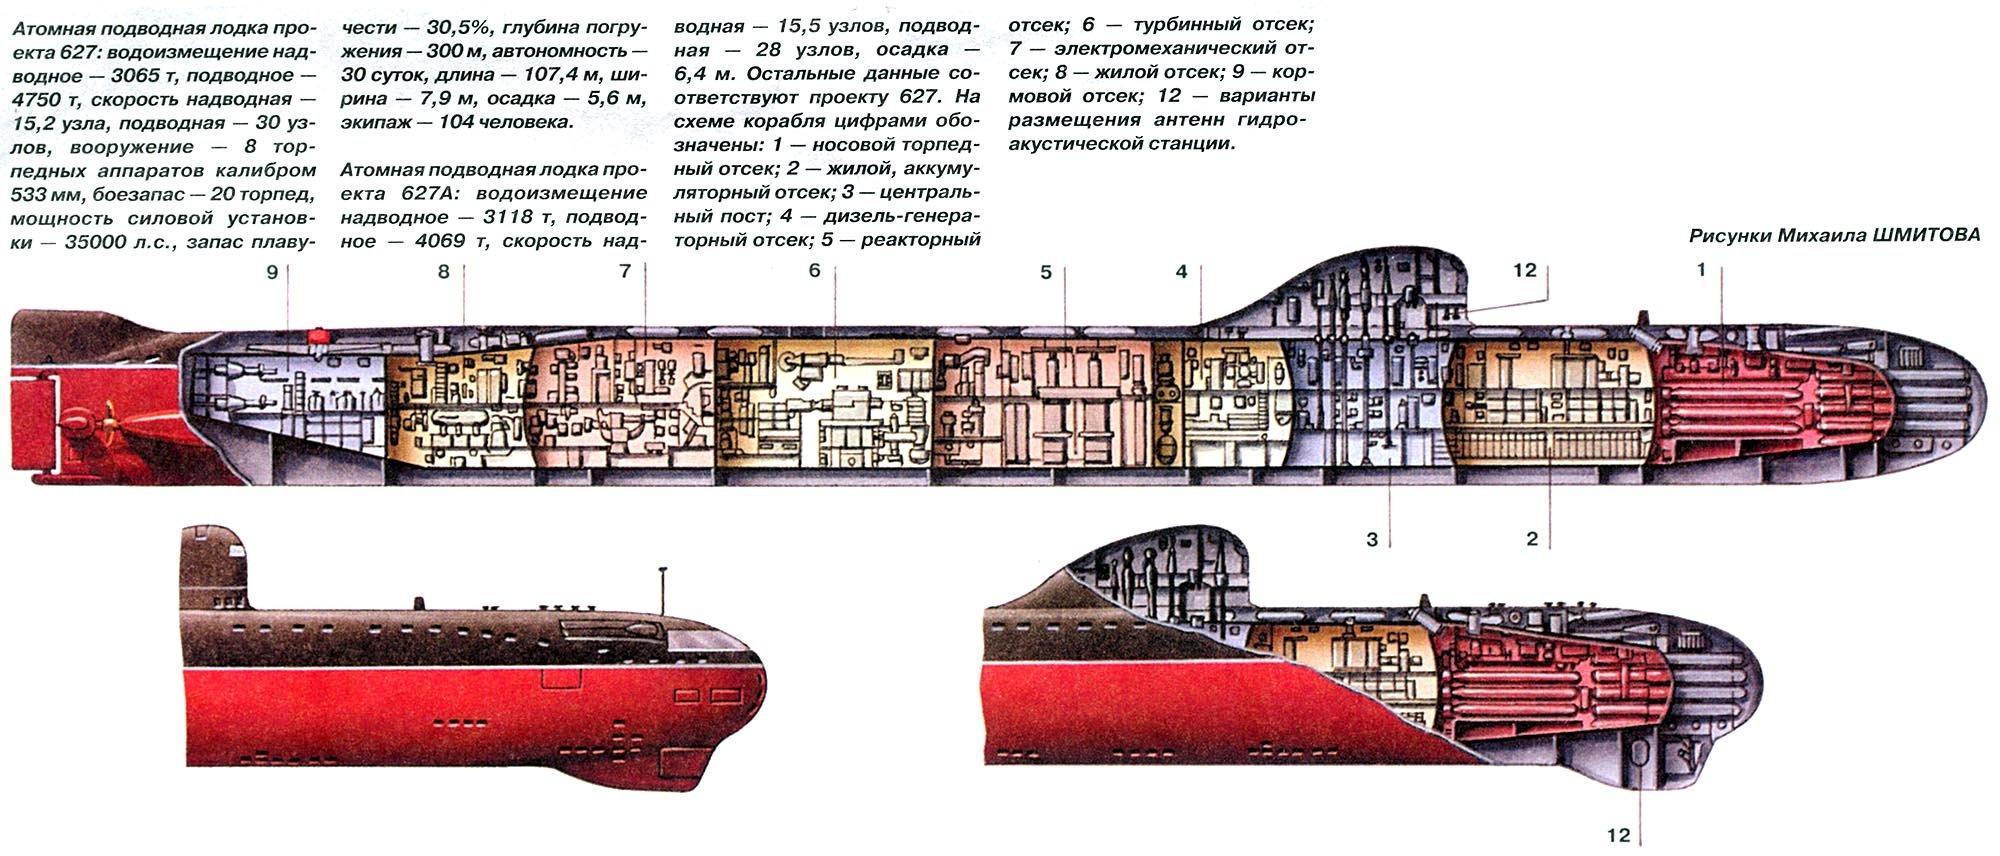 два корпуса подводной лодки